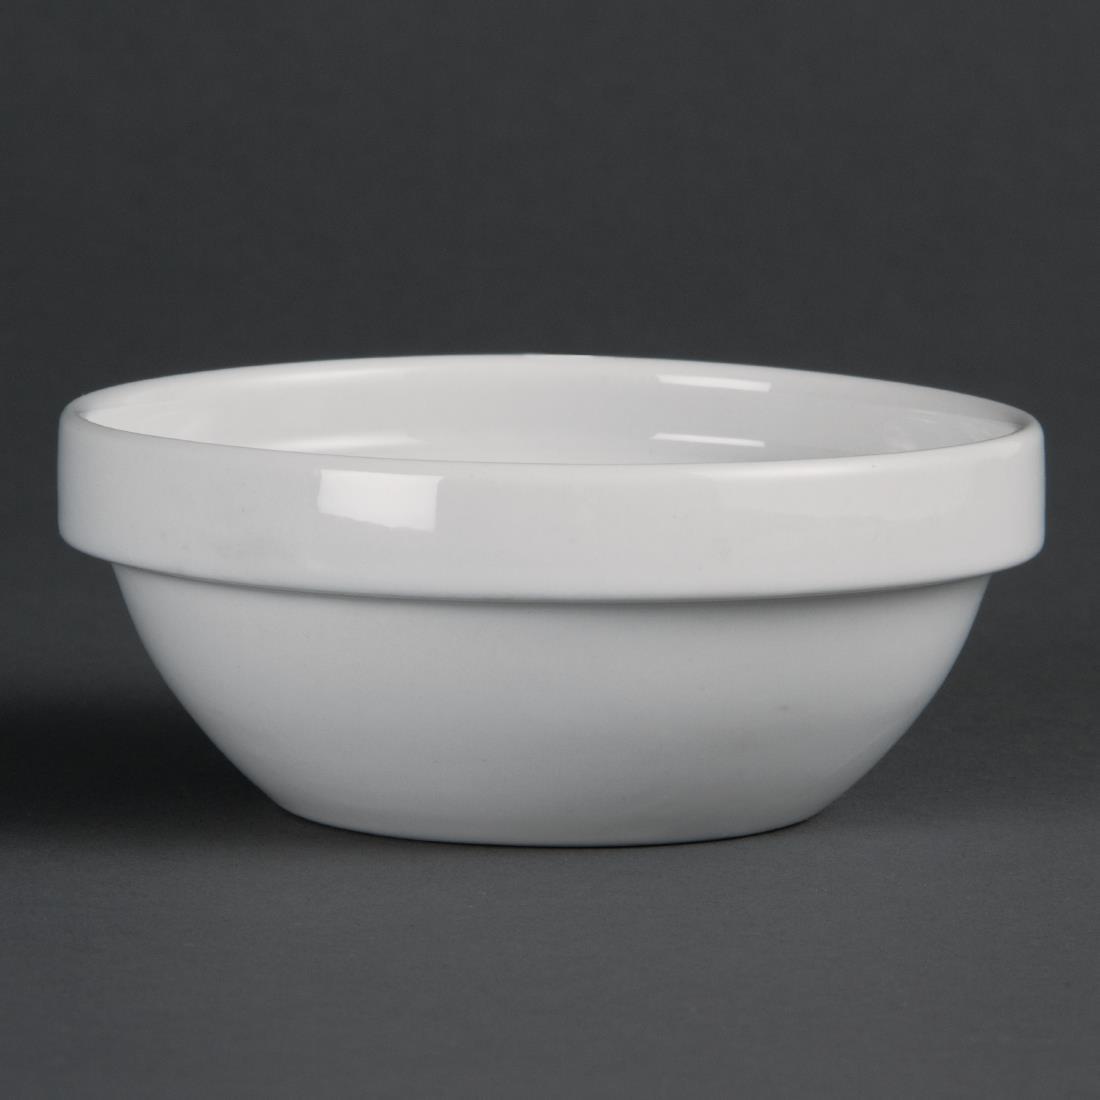 Stacking Bowl